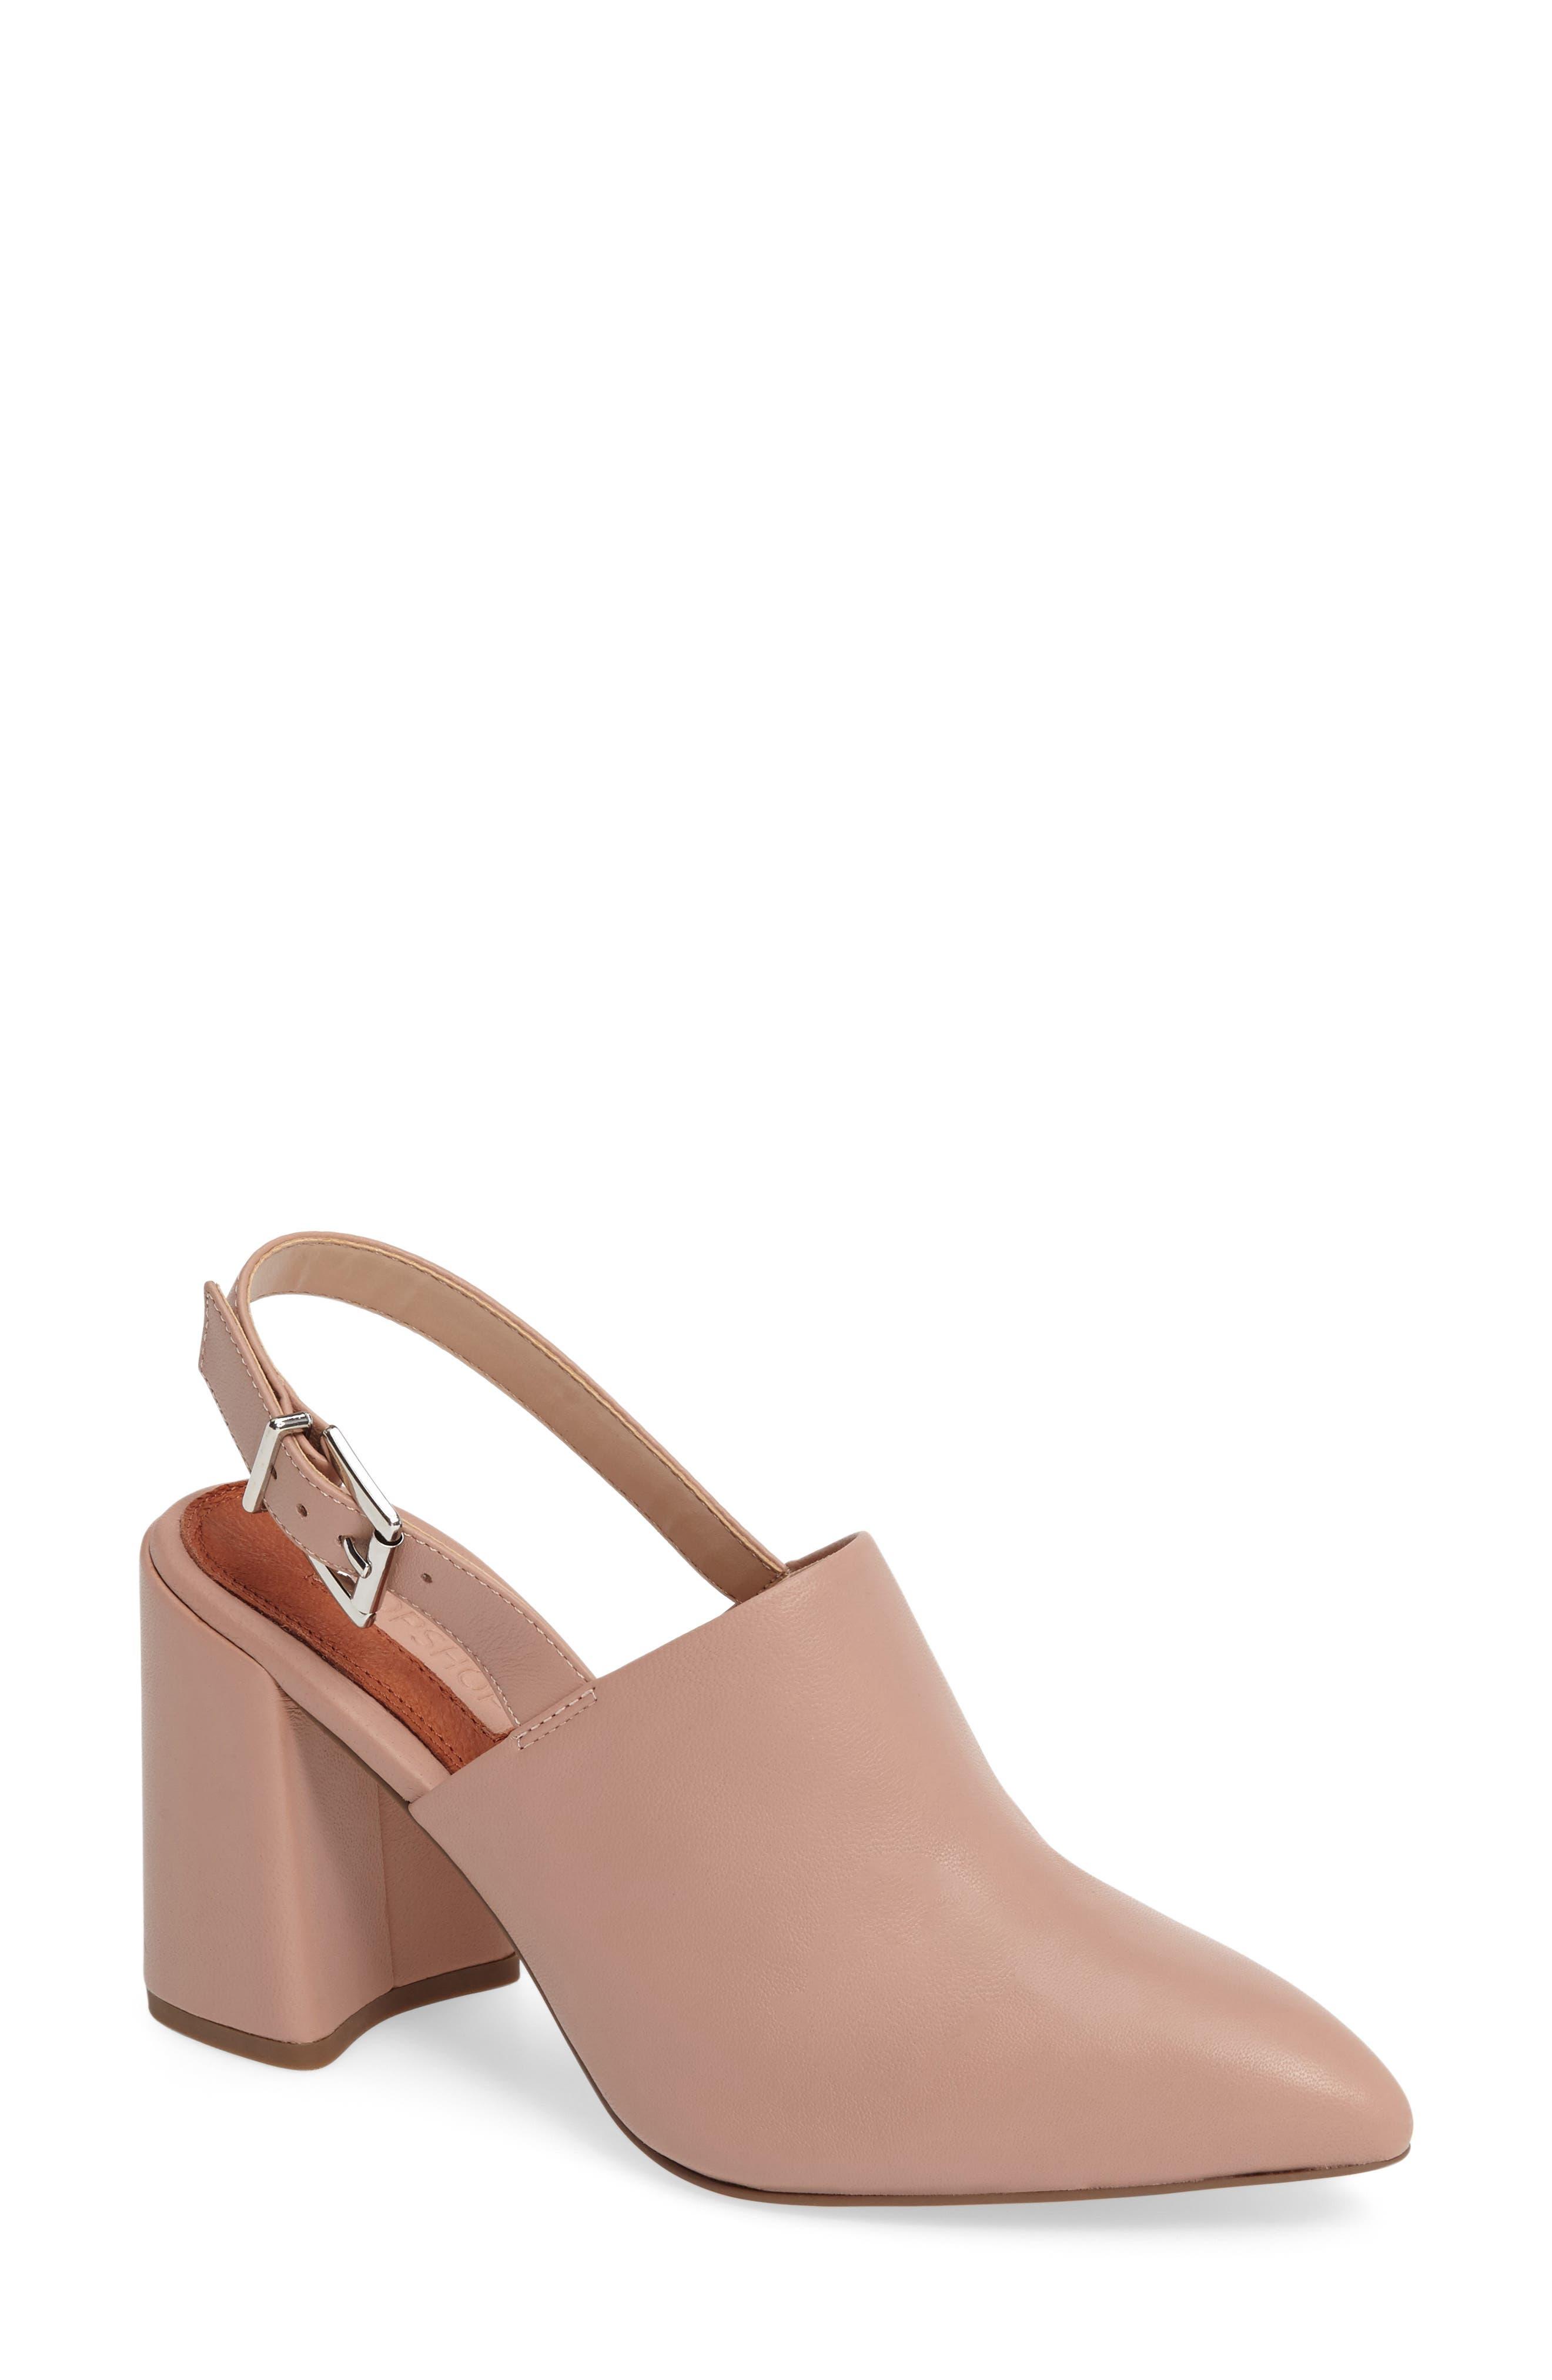 Groove Block Heel Pump,                         Main,                         color, Light Pink